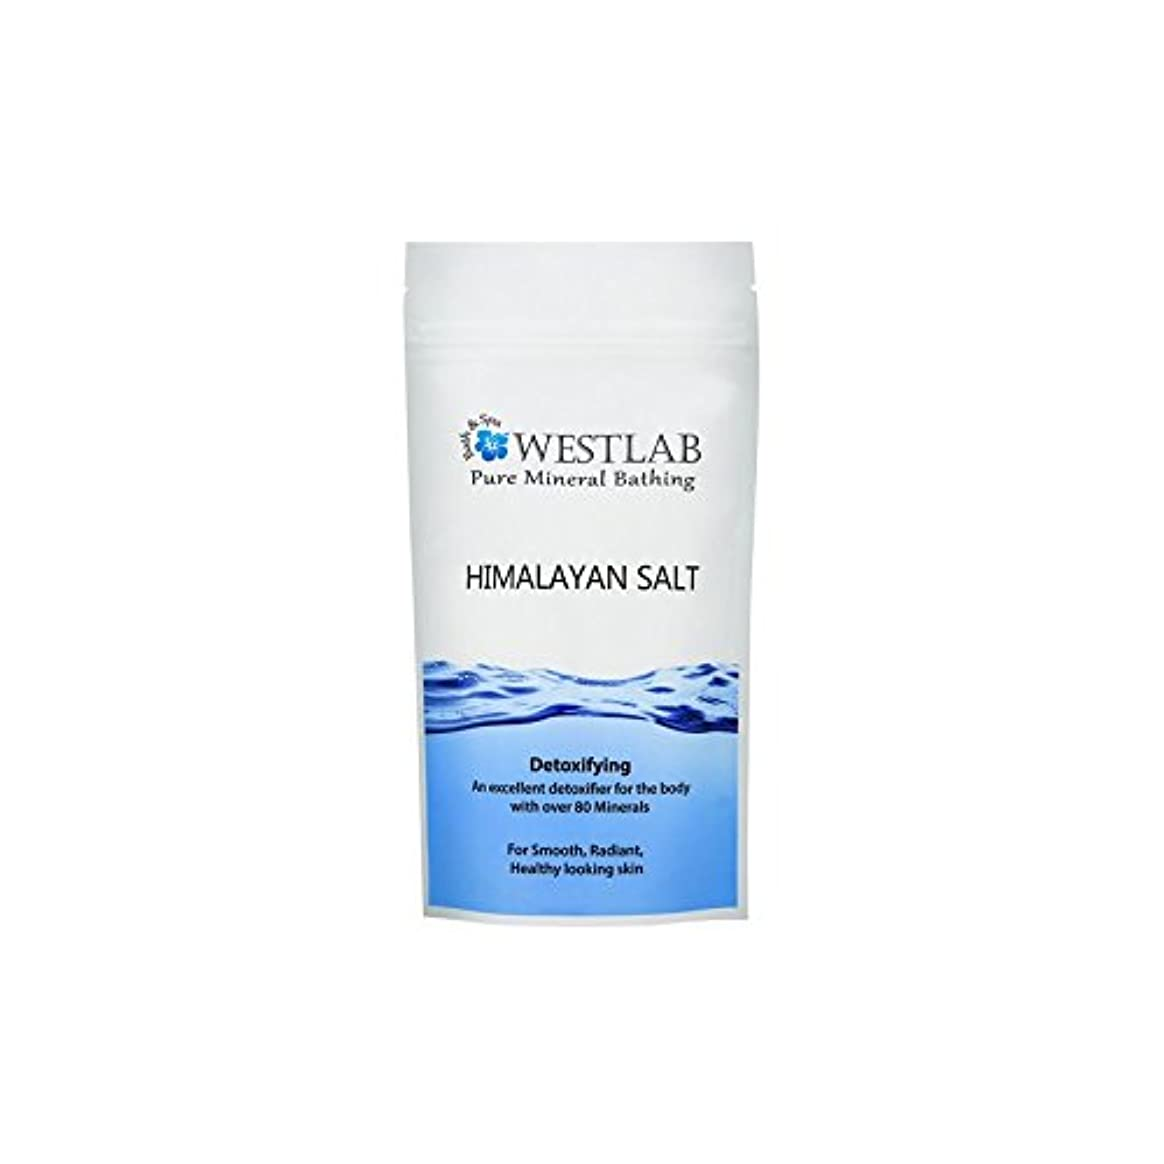 悪性の子孫賄賂ヒマラヤの塩500グラム x2 - Westlab Himalayan Salt 500g (Pack of 2) [並行輸入品]